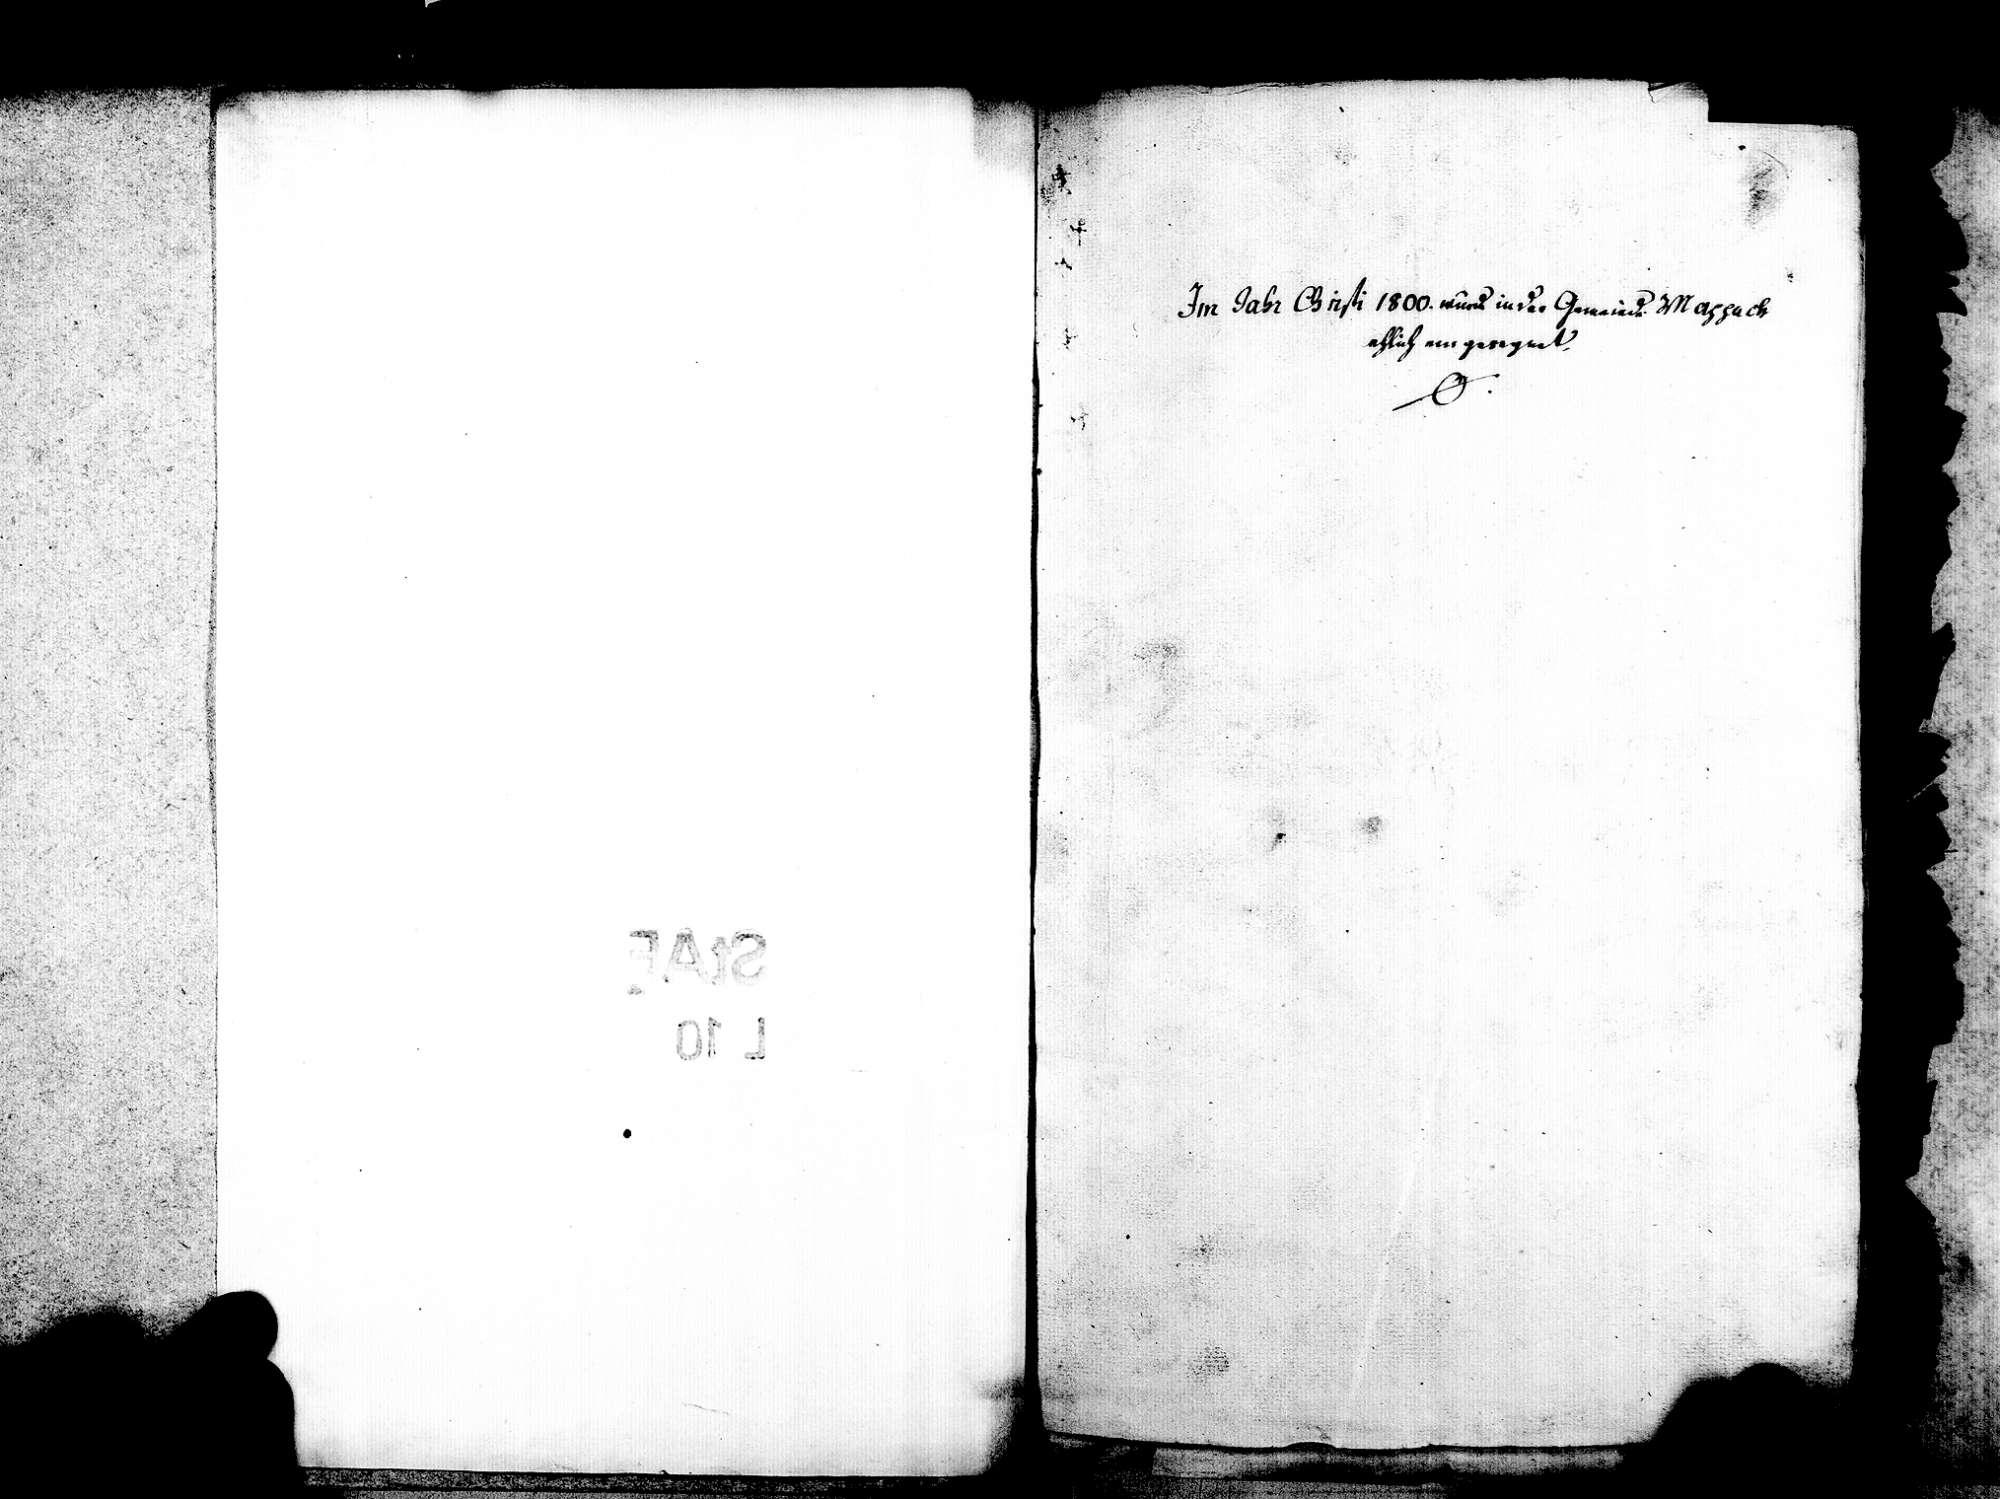 Mappach, Efringen-Kirchen LÖ; Evangelische Gemeinde: Heiratsbuch 1800-1869, Bild 3